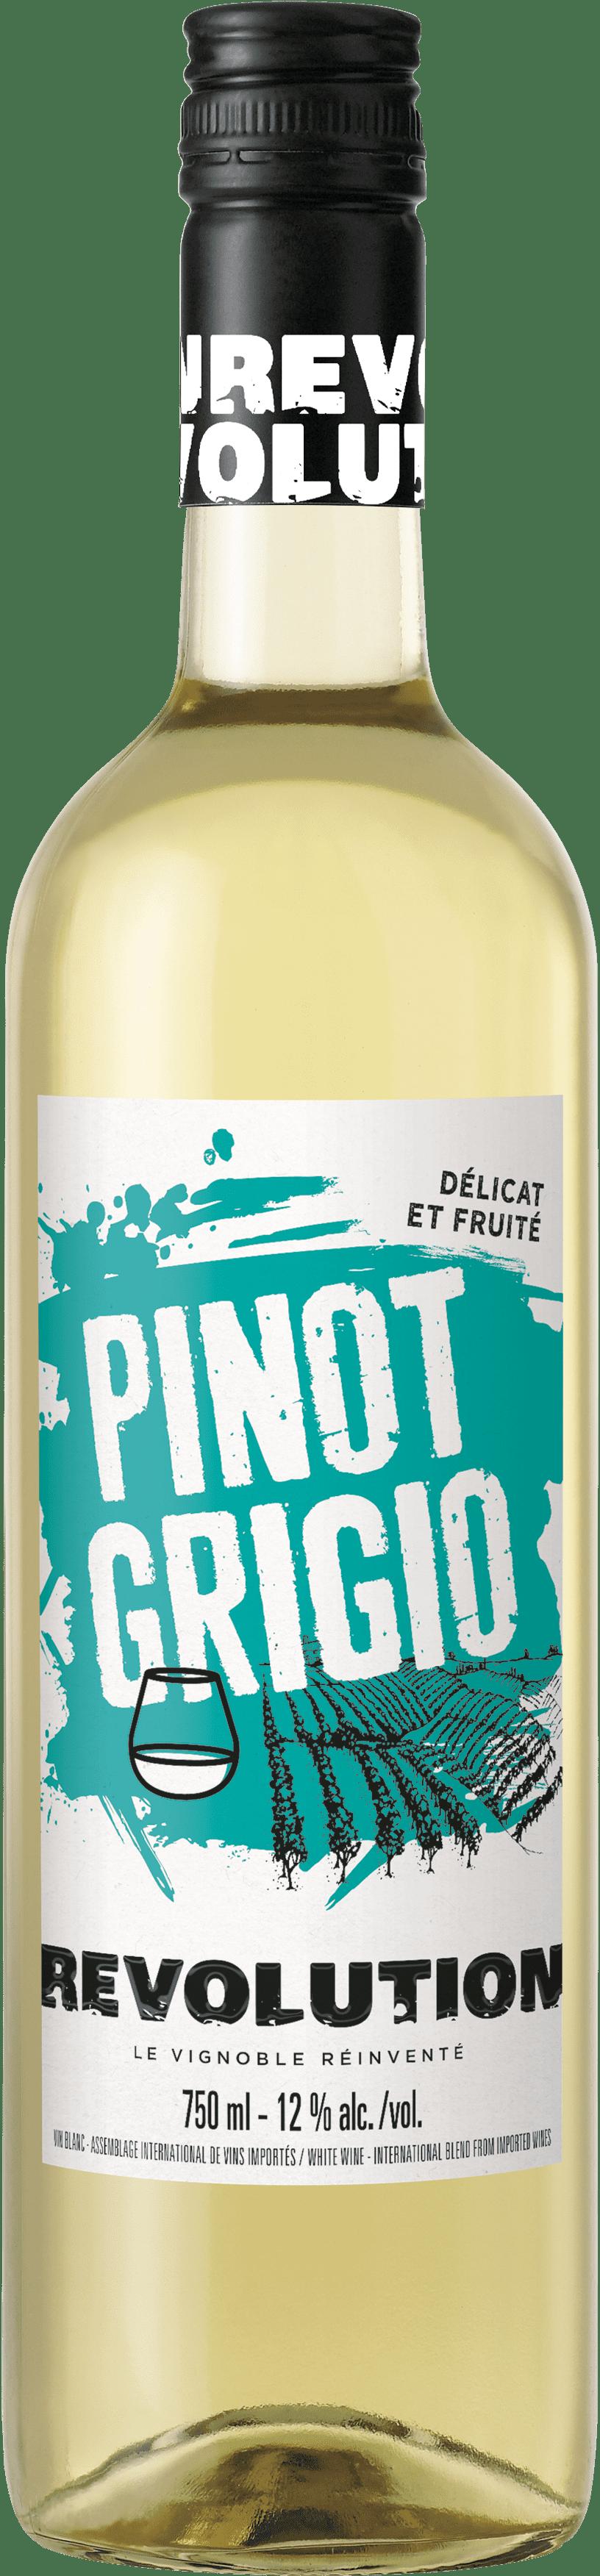 Revolution Pinot Grigio